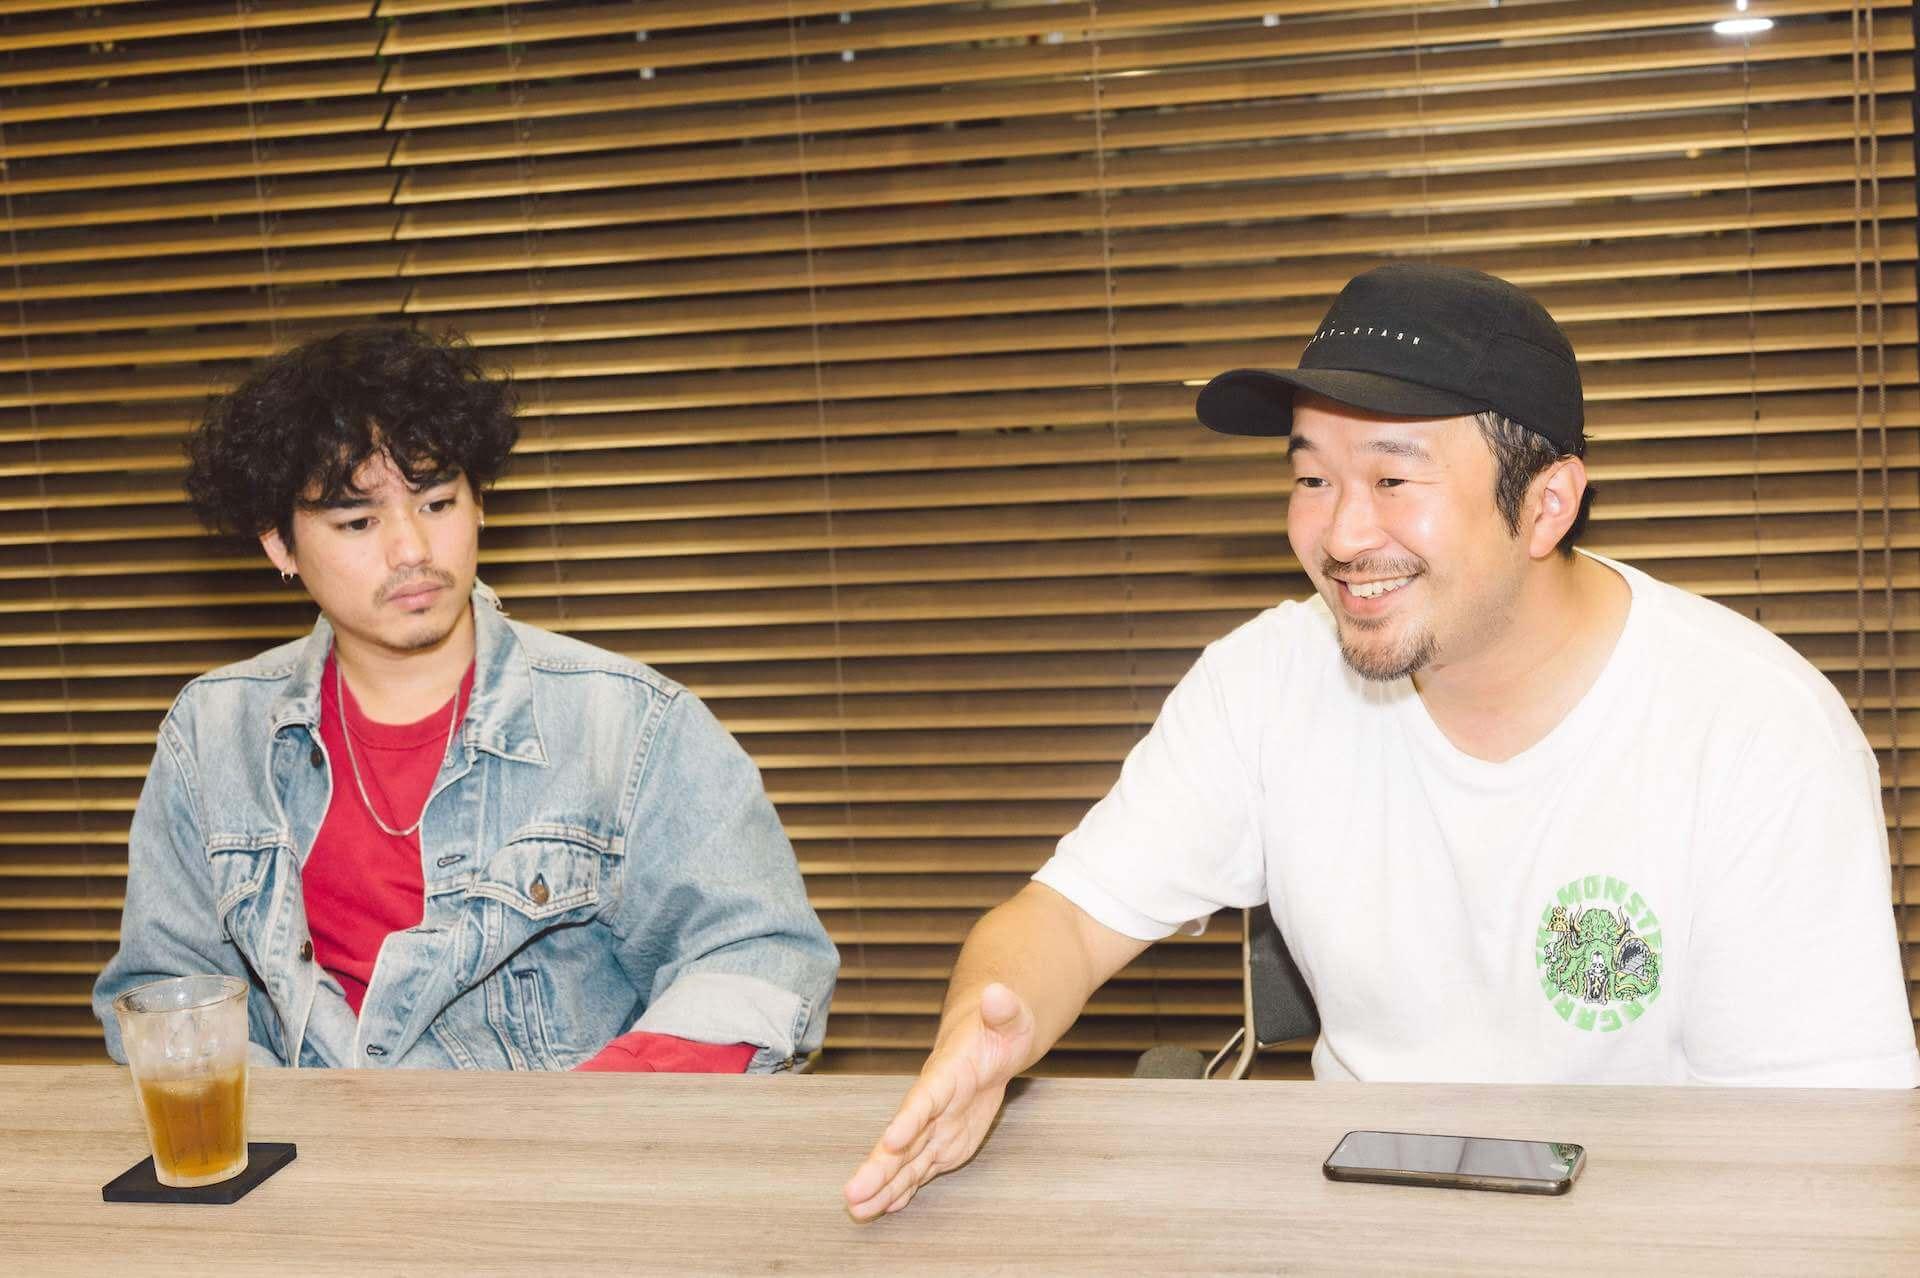 タイラダイスケ(FREE THROW)× Yuto Uchino(The fin.)対談|「FRIENDSHIP.」が目指す新しいアーティストサポートの形とは? interview1121_friendship-2